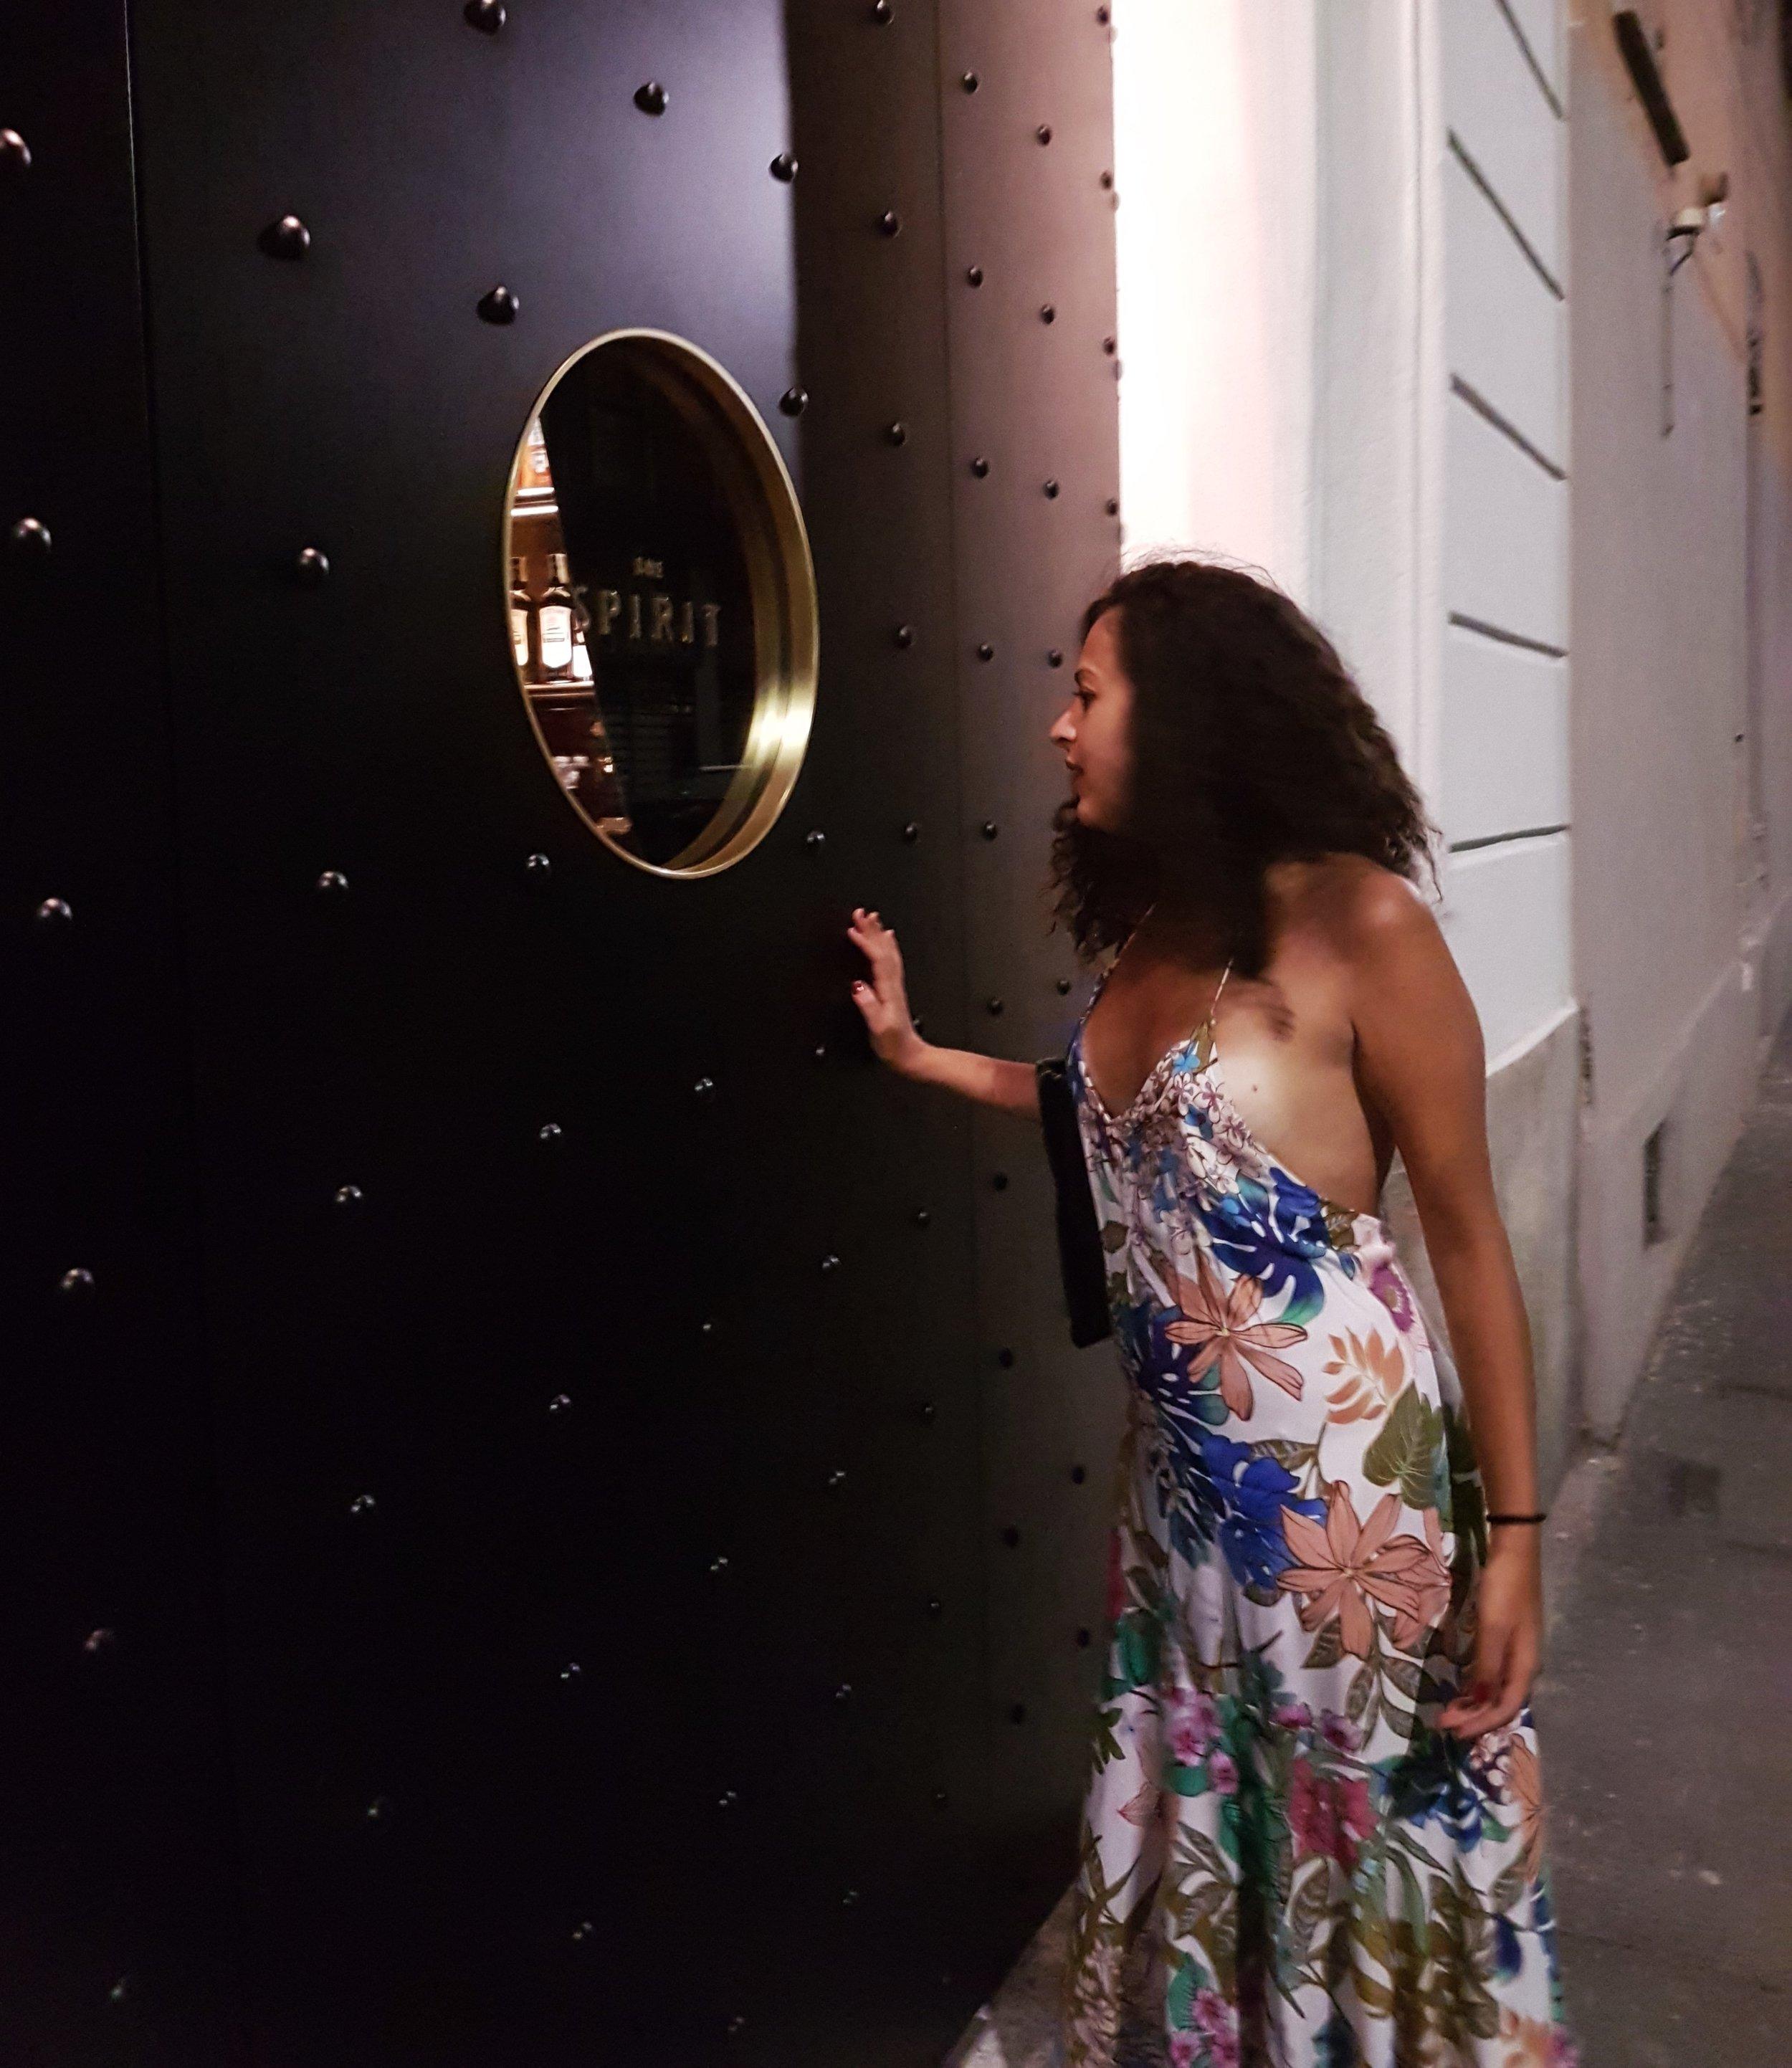 L'oblò in osa si nasconde nel locale. Ce n'è una sul retro (Via Passeroni) e l'altra sulla porta principale (Via Piacenza